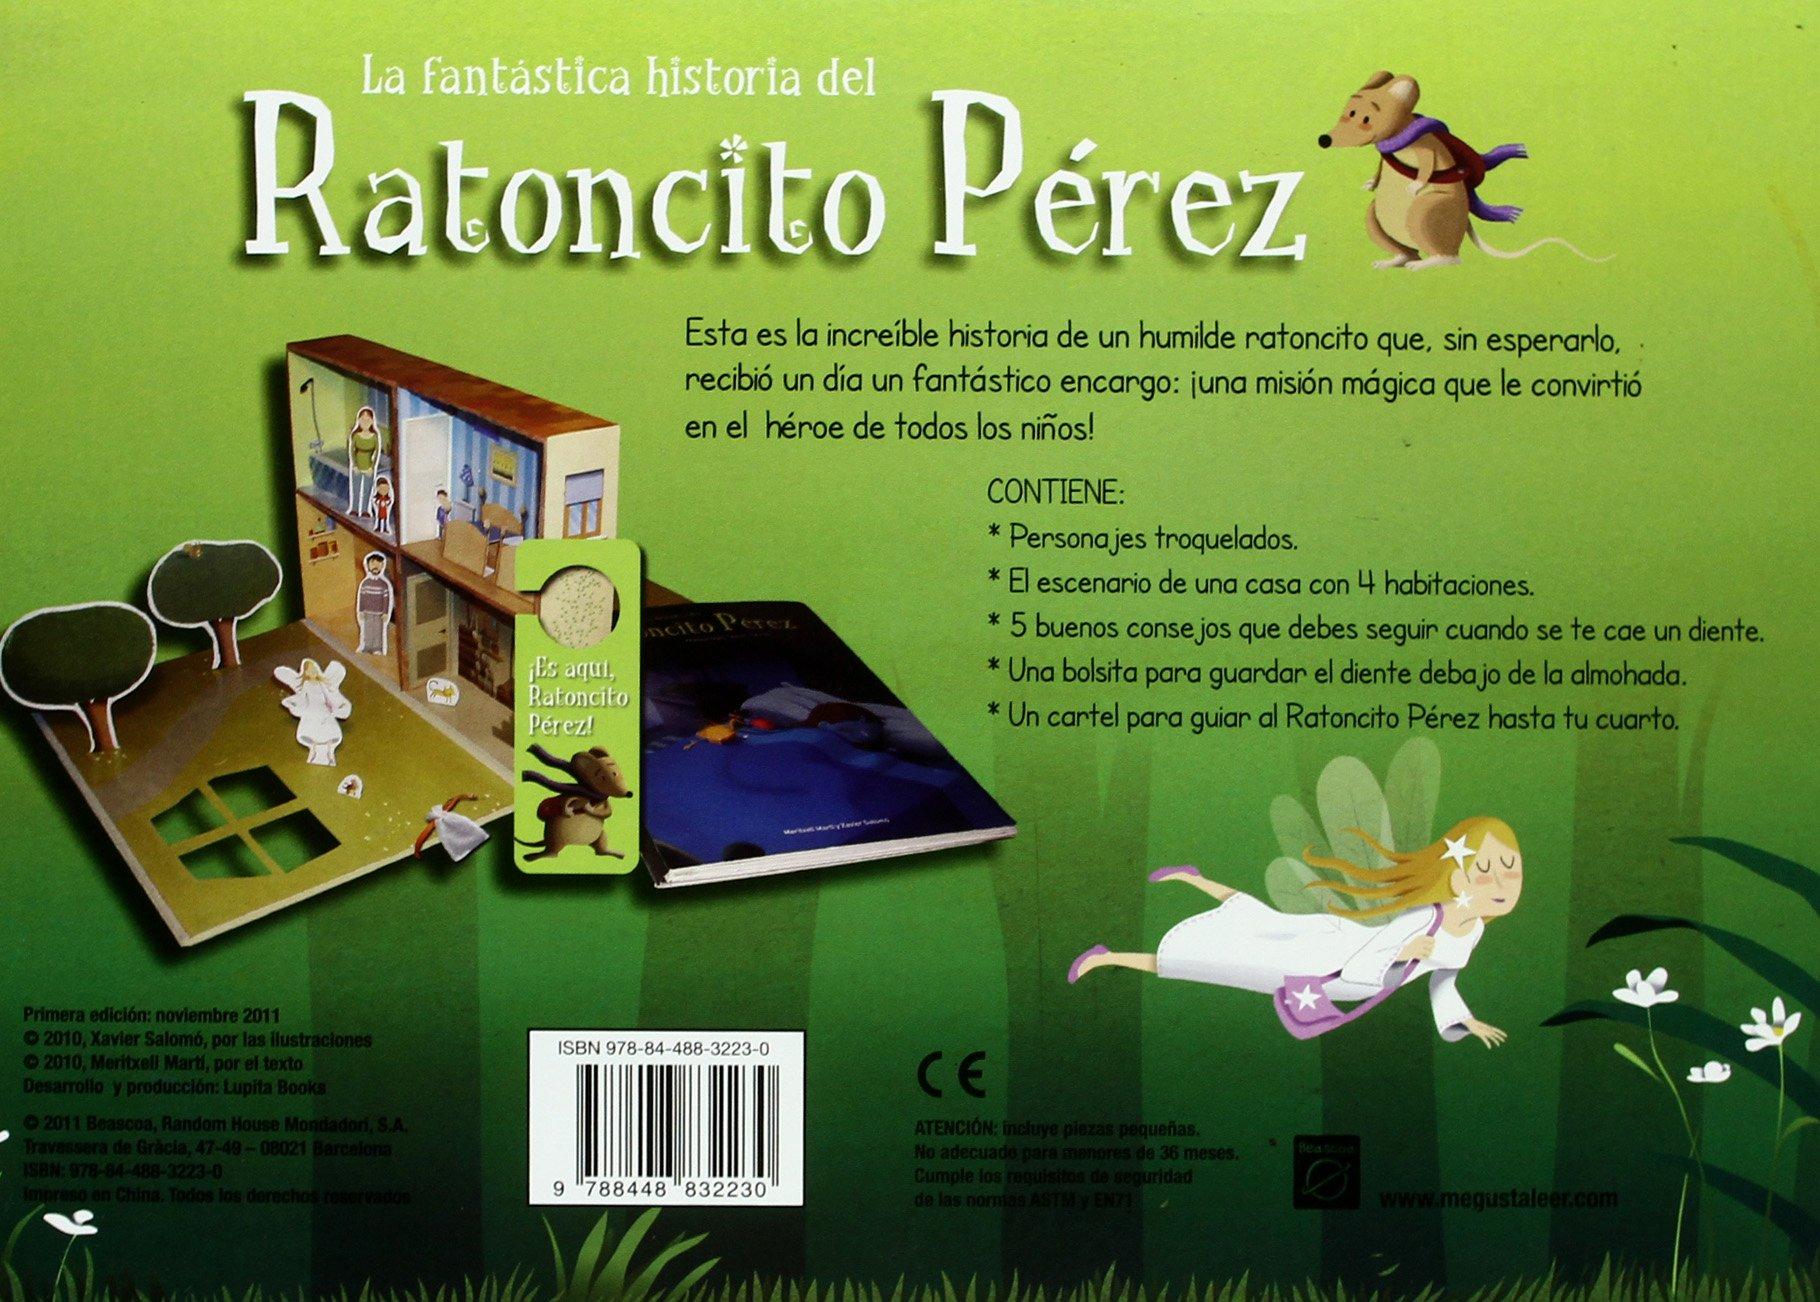 La fantastica historia del ratoncito, libro juego.